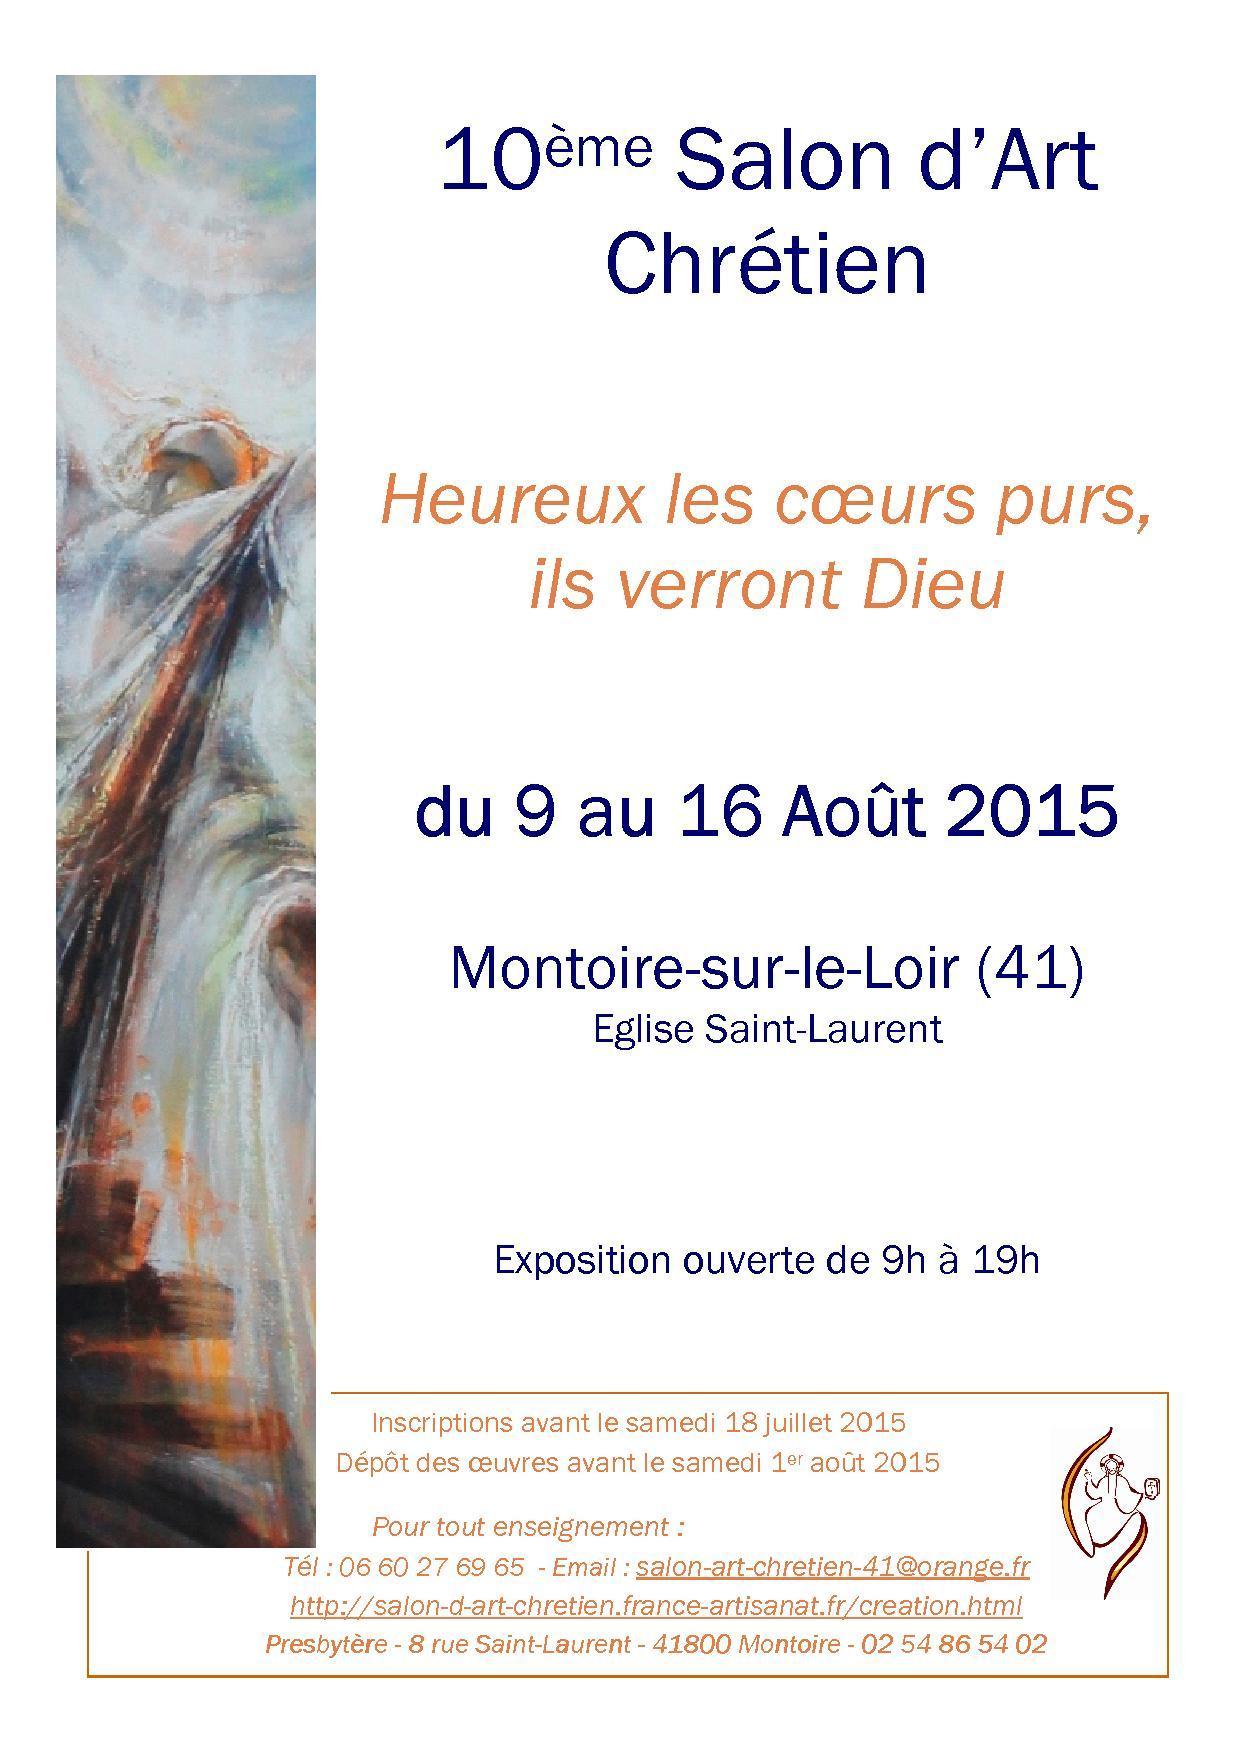 Actualité de NICOLE BOURGAIT THIERRY LE SET DES FLEURS MONTOIRE SUR LOIR : SALON D'ART CHRETIEN